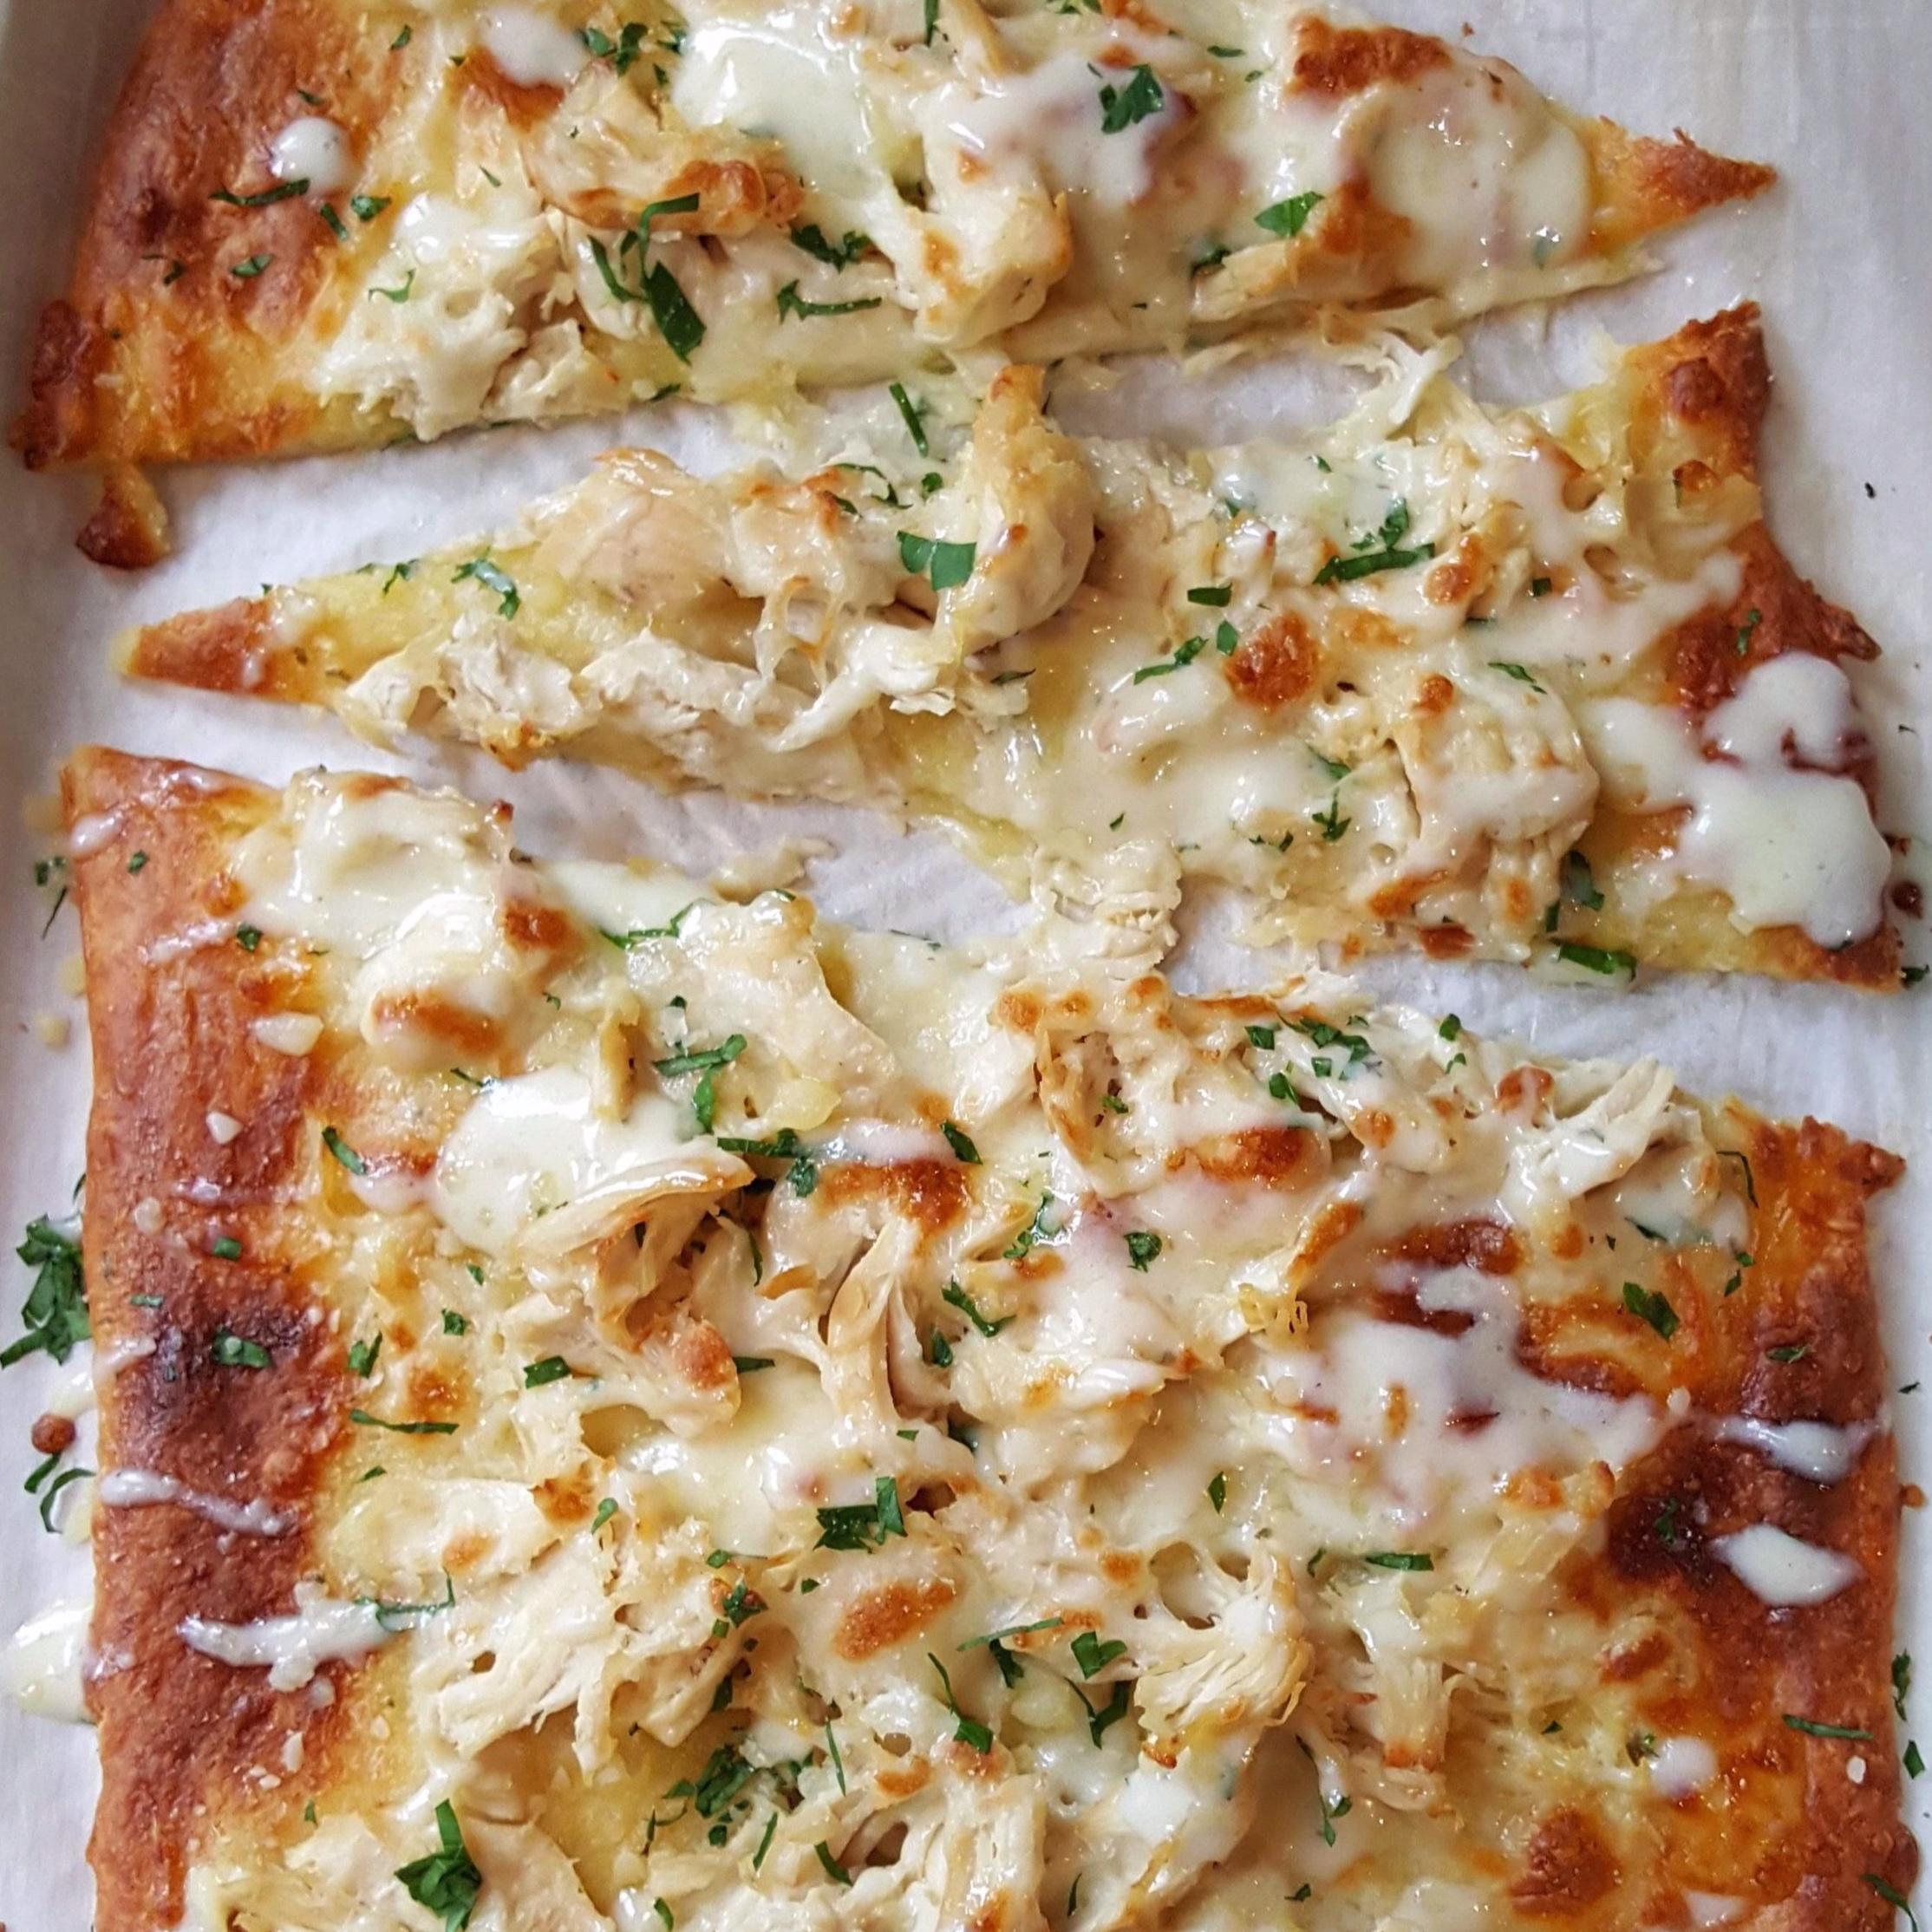 - Garlic ranch chicken flatbread